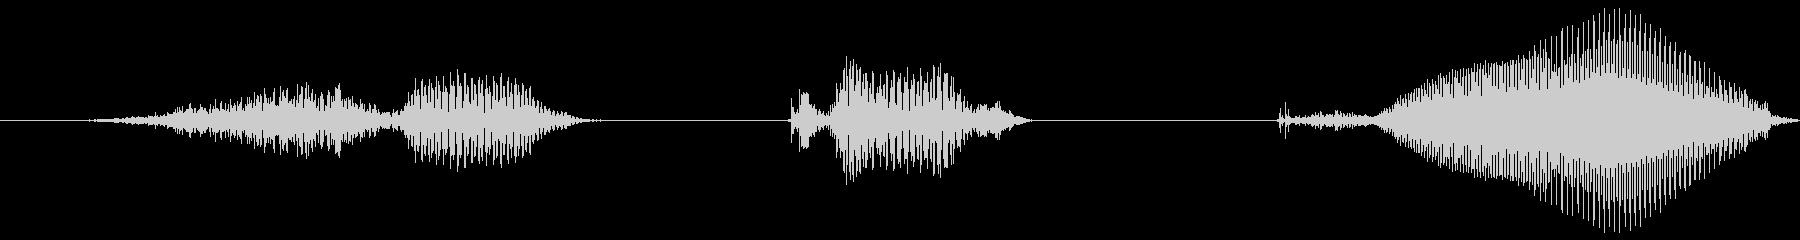 すてき!2【ロリキャラの褒めボイス】の未再生の波形